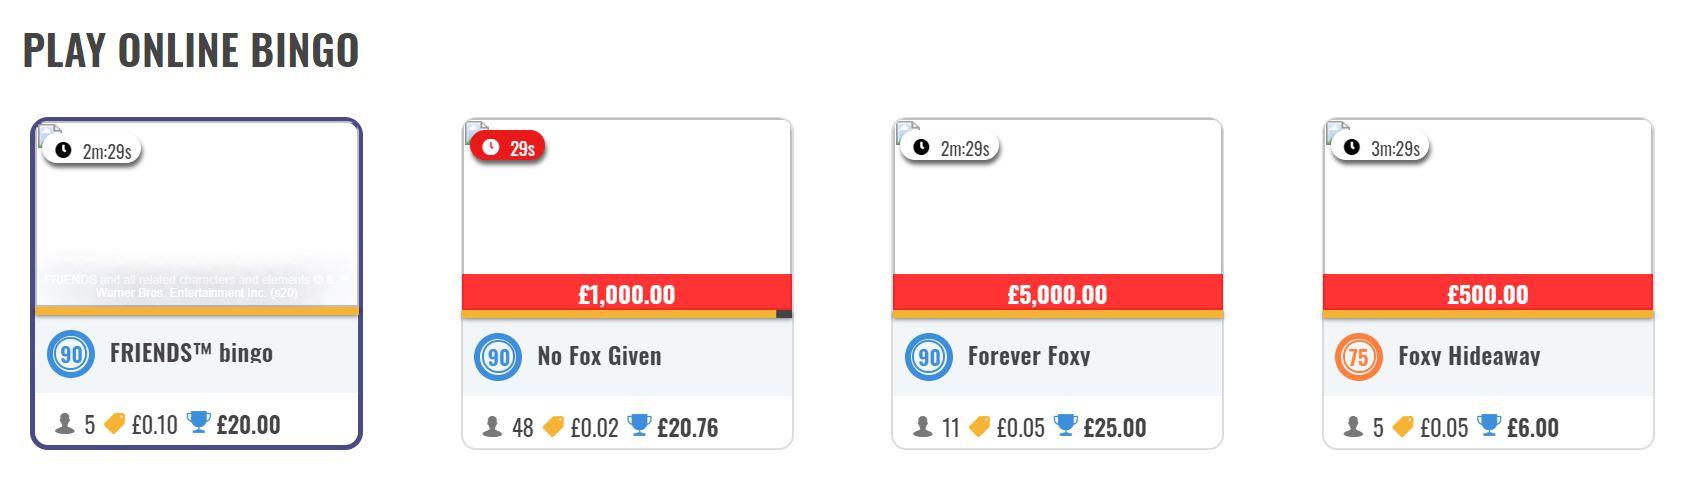 Existen varias salas de juego disponibles en los casinos online.